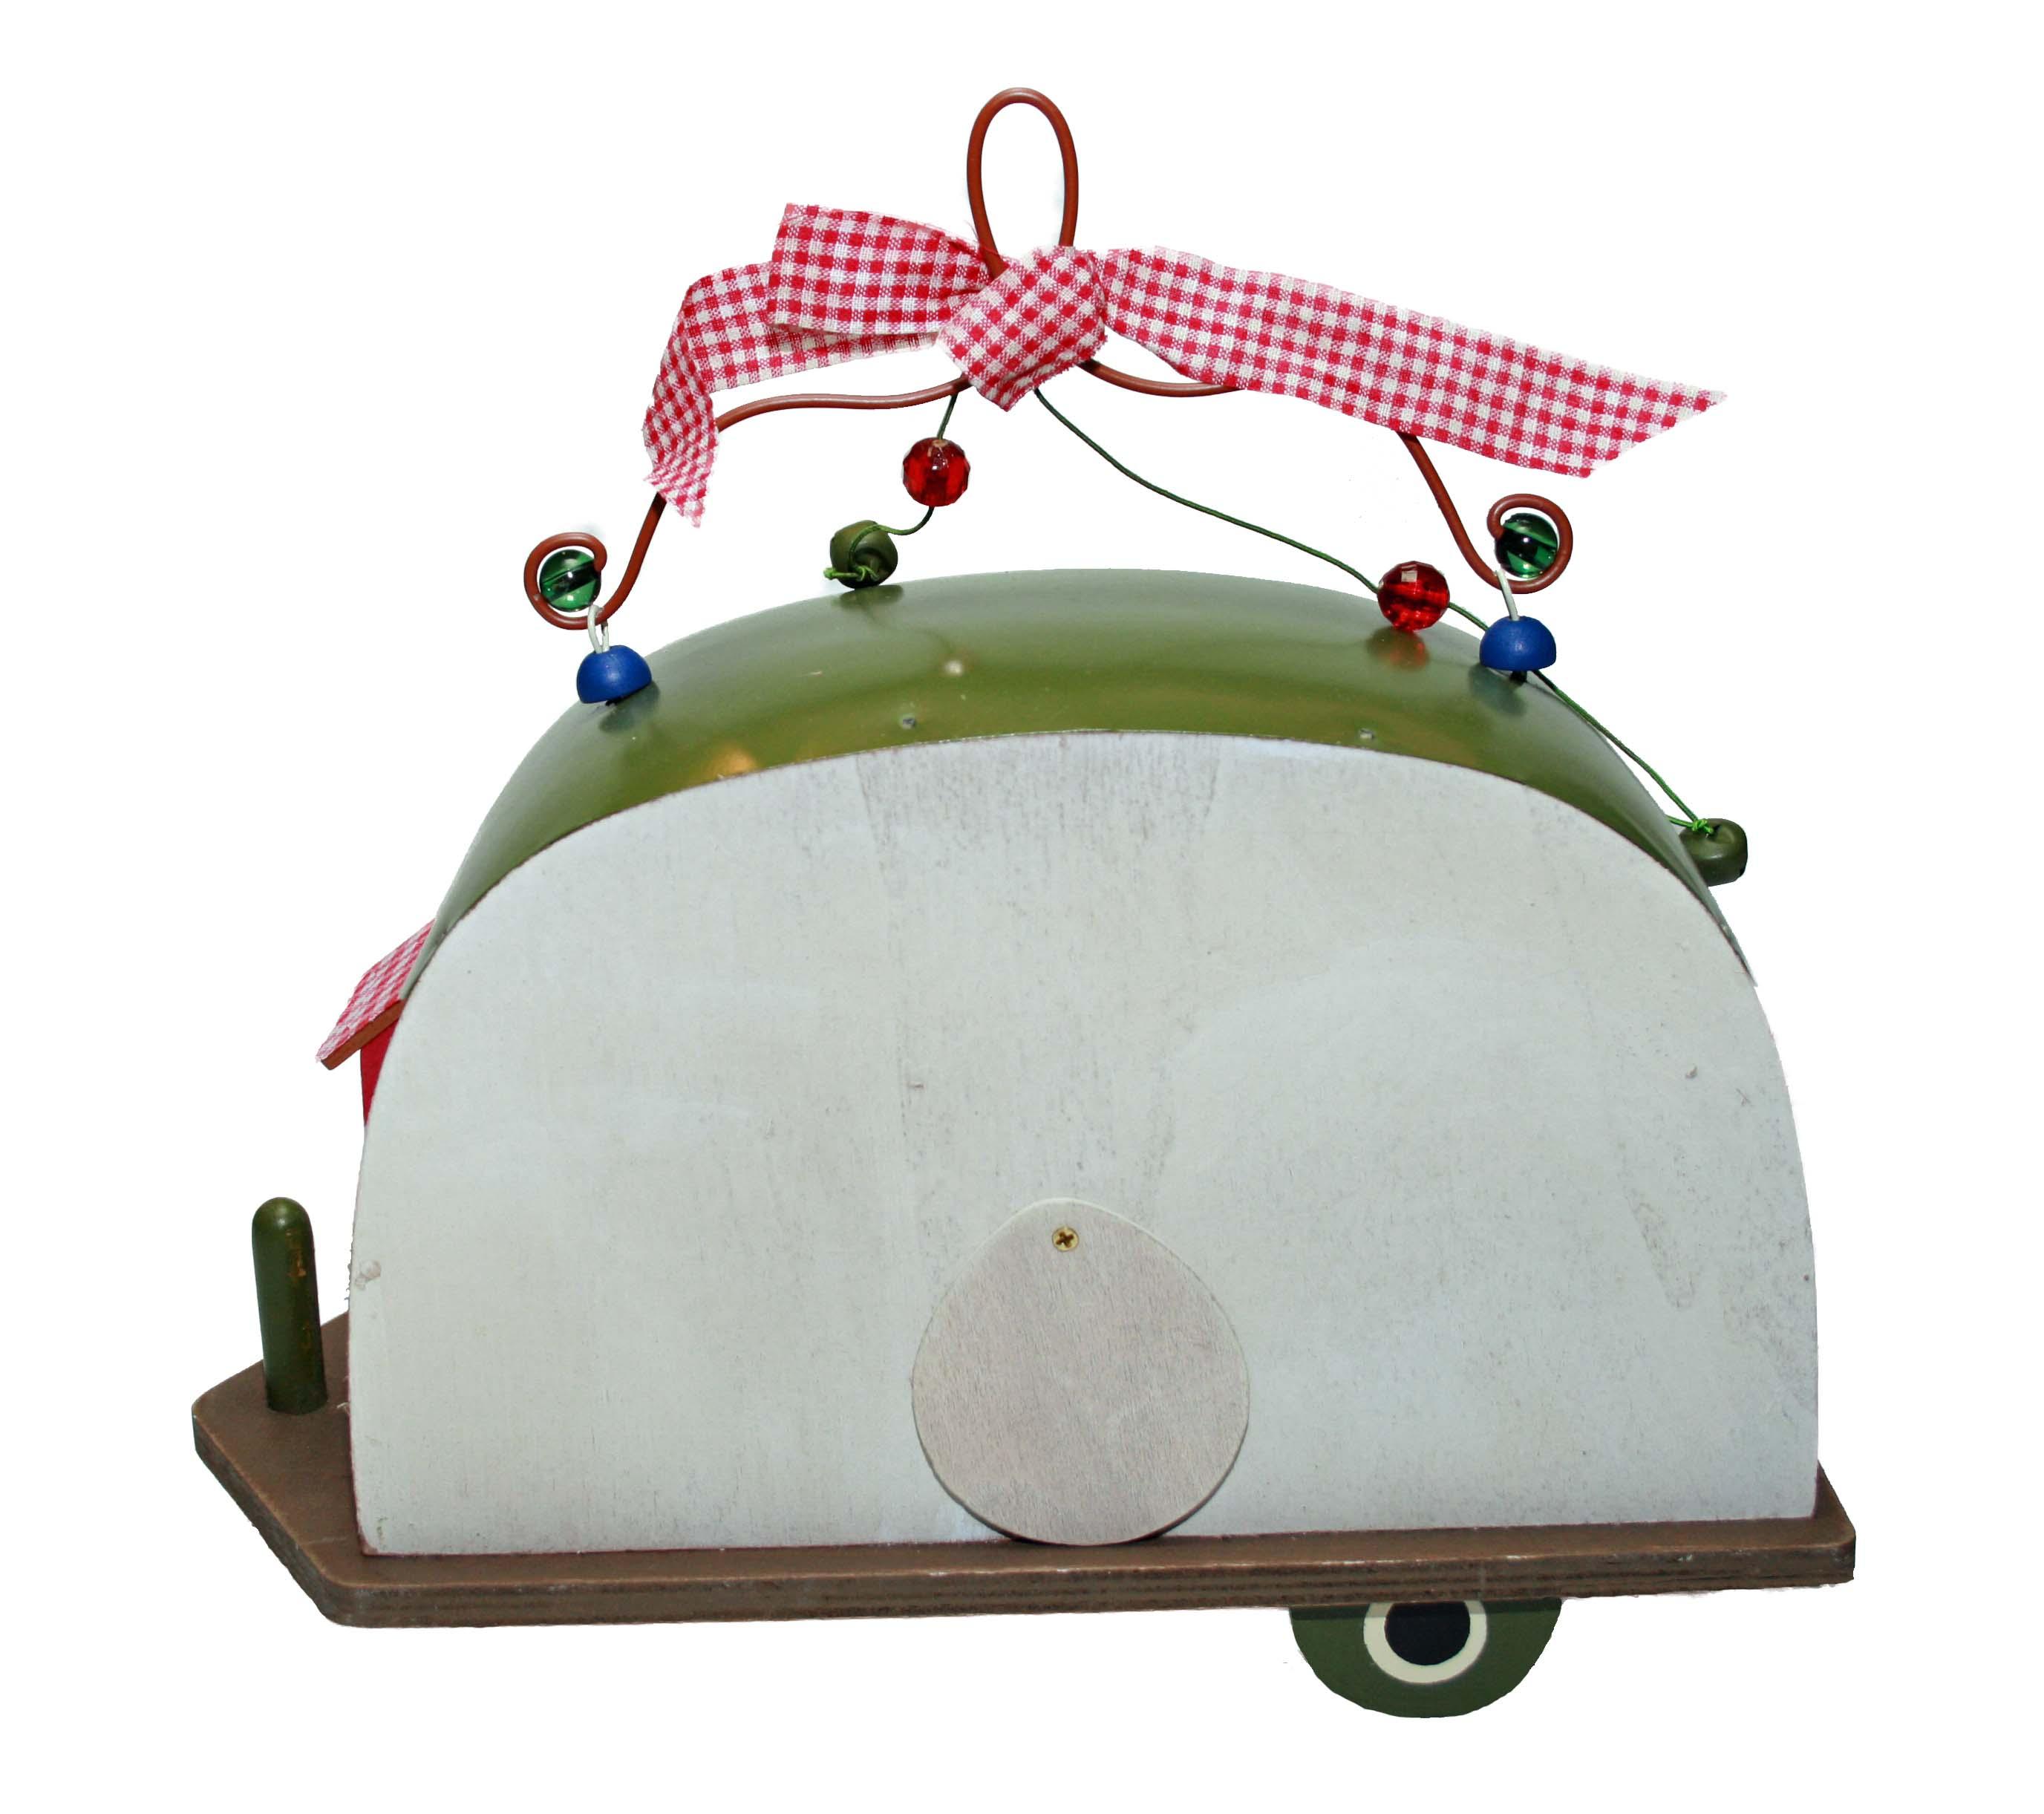 dekoratives vogelhaus wohnwagen im rustikalen retrolook aus metall und holz neu. Black Bedroom Furniture Sets. Home Design Ideas